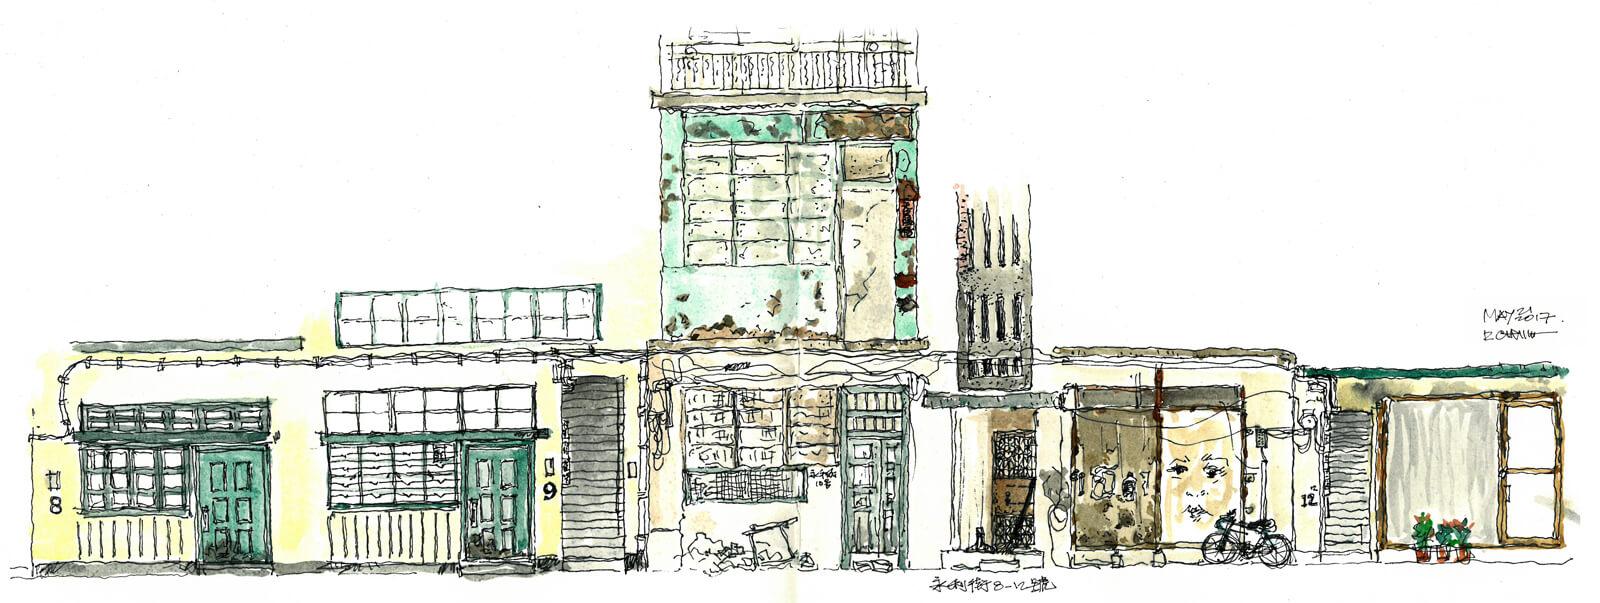 速寫感受:「永利街活化前後的破舊精緻對比,卻共同面對被歲月偷去的情味!」(插畫:Richie Cheung)